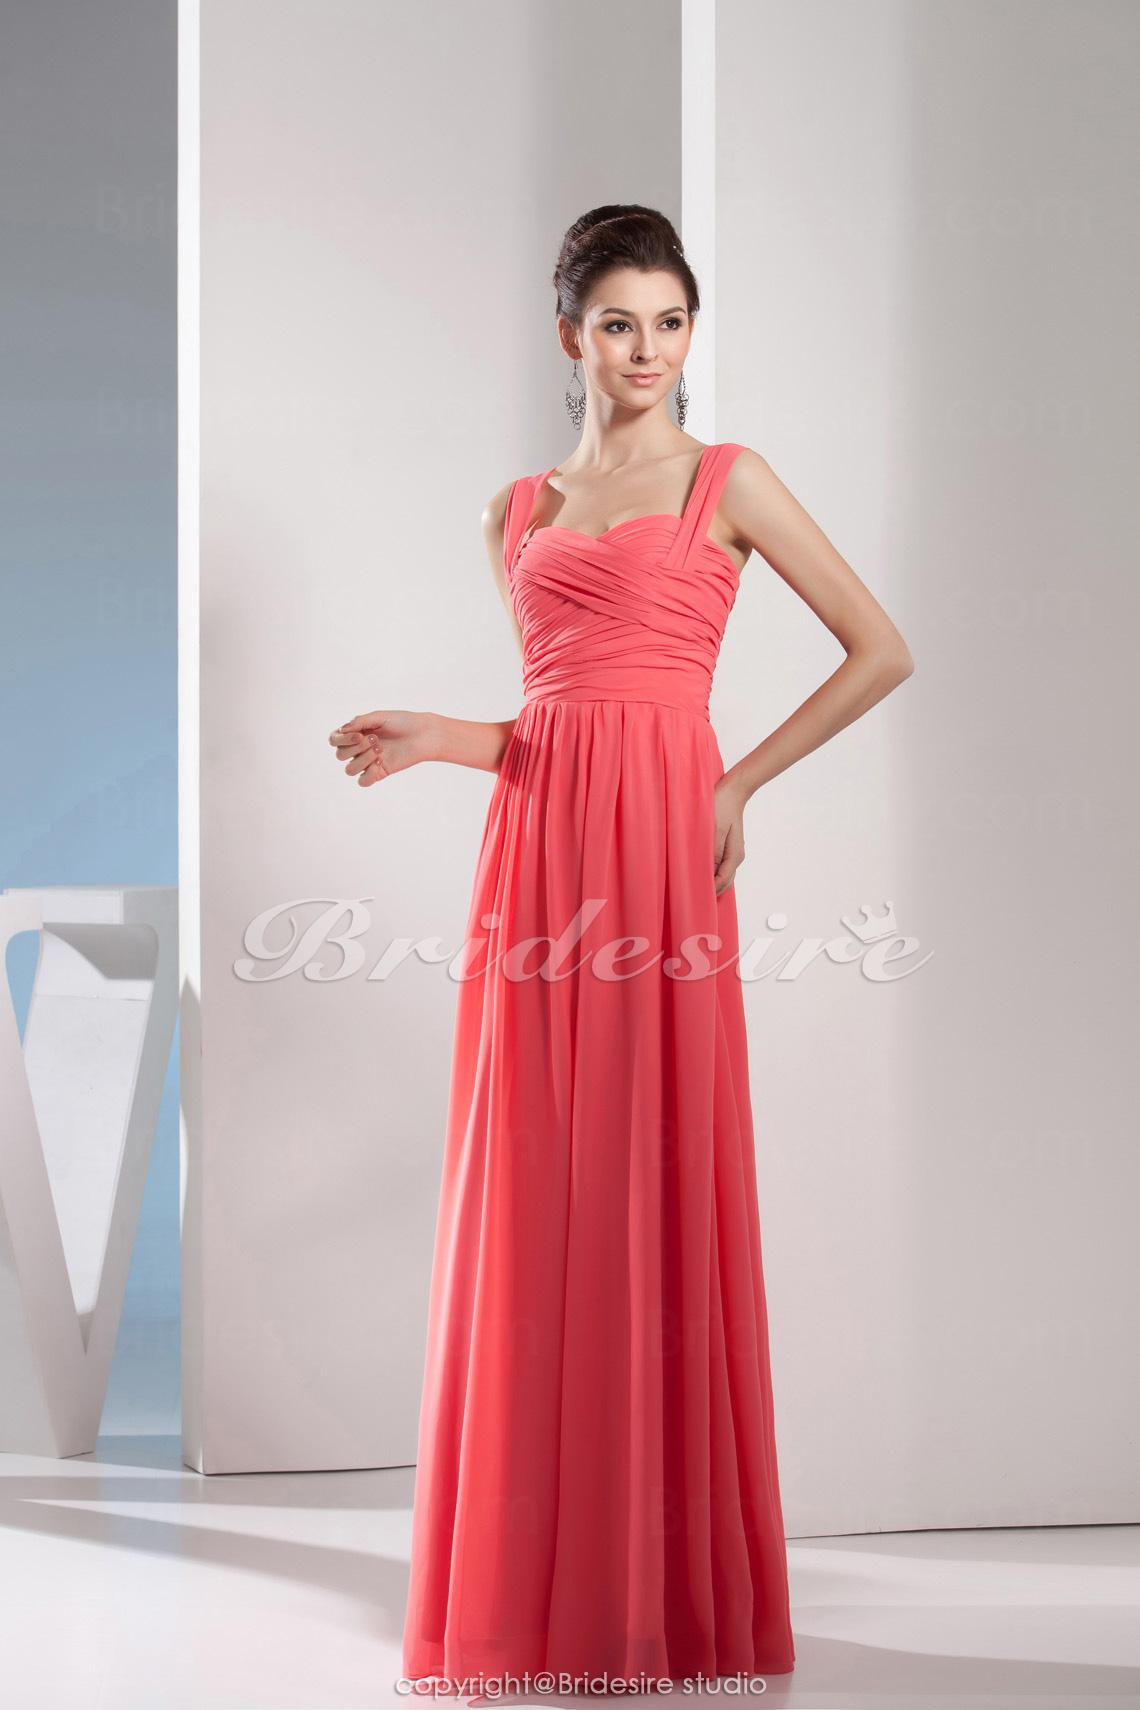 af4f2a195 Bridesire - Corte Recto Escote Corazón Hasta el Suelo Sin Mangas Gasa  Vestido  BD4626  - €90.98   Bridesire